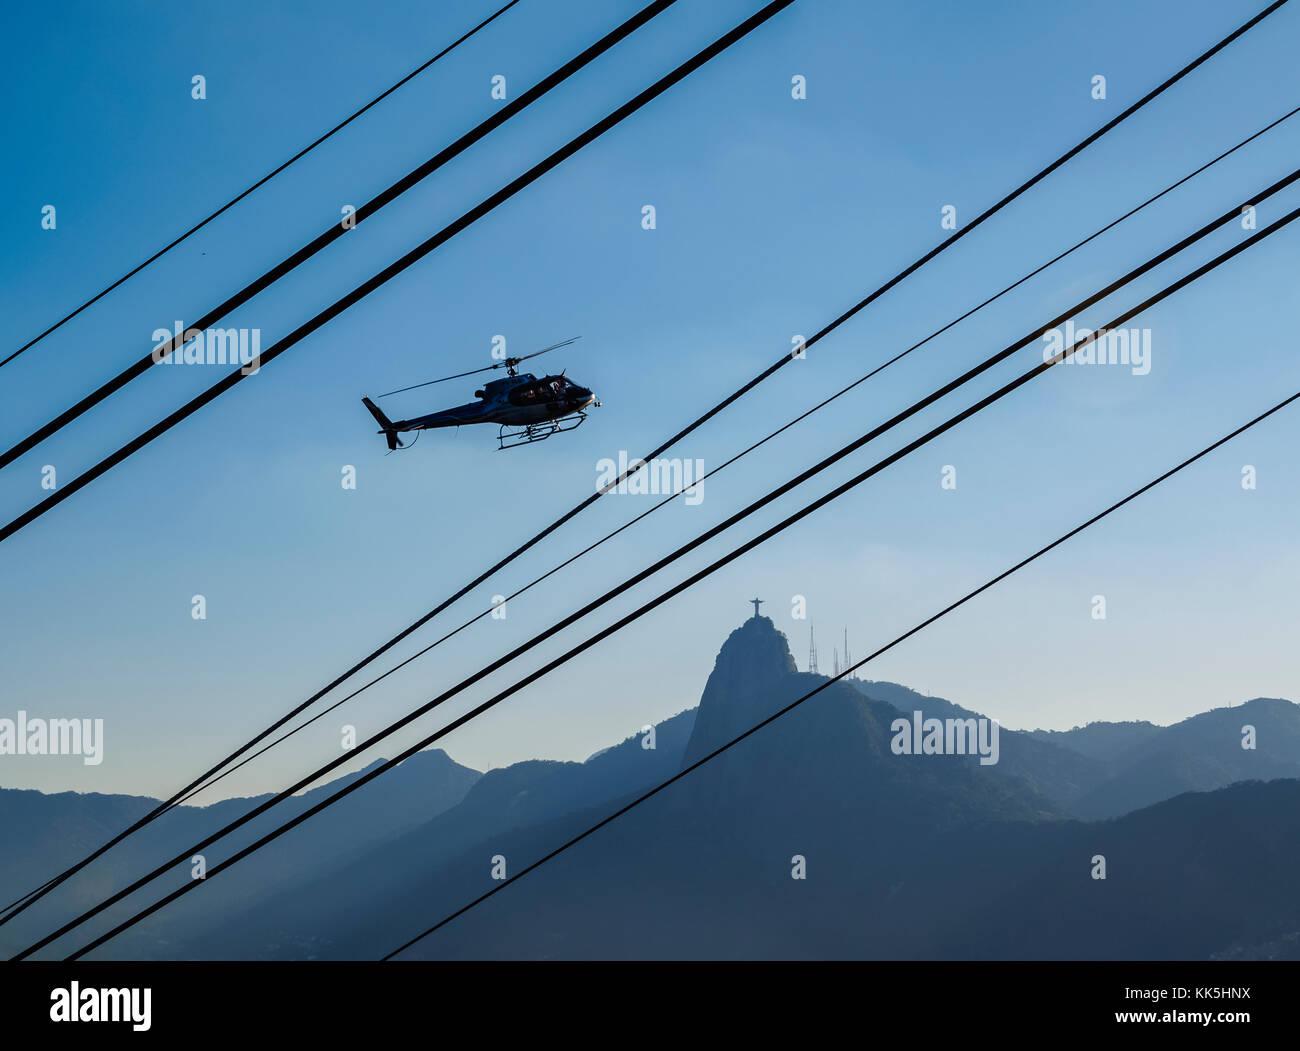 Helicopter and Corcovado Mountain seen from the Morro da Urca, Rio de Janeiro, Brazil Stock Photo